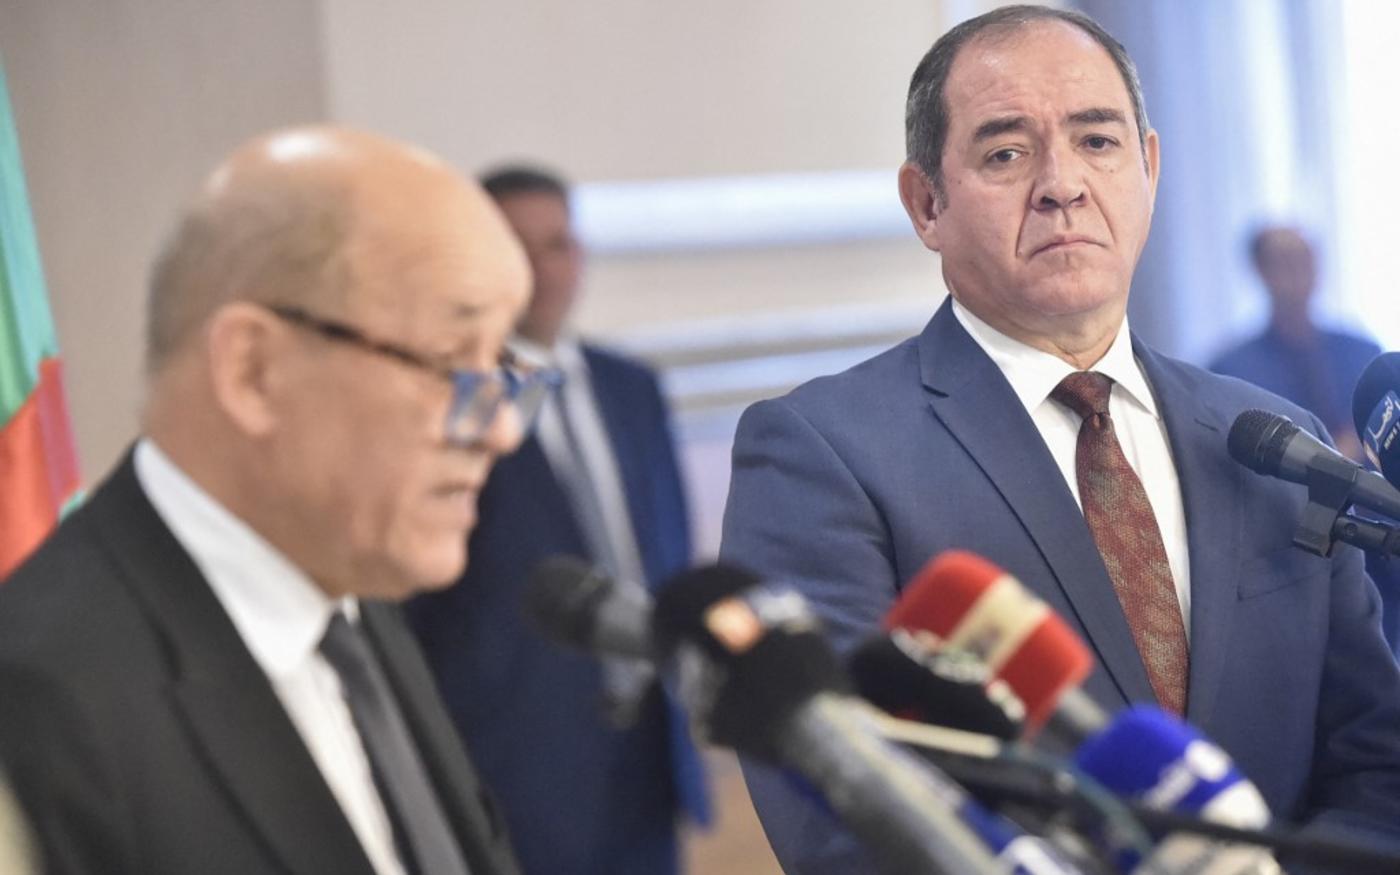 Le ministre algérien des Affaires étrangères Sabri Boukadoum écoute son homologue français, Jean-Yves Le Drian, lors d'une conférence de presse le 21 janvier 2020 (AFP)